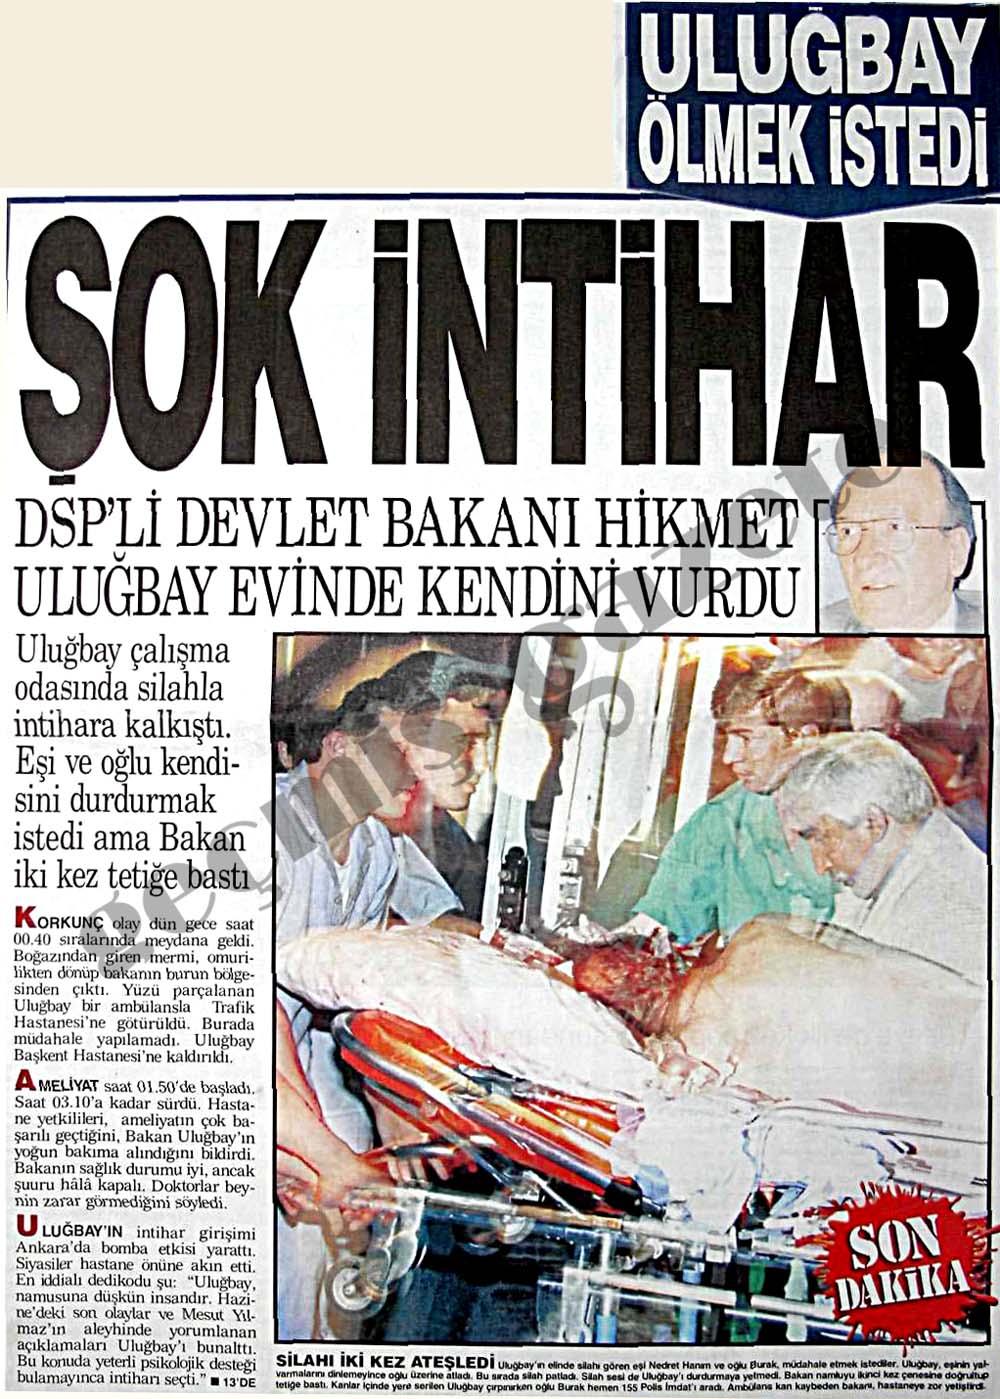 DSP'li Devlet Bakanı Hikmet Uluğbay evinde kendini vurdu